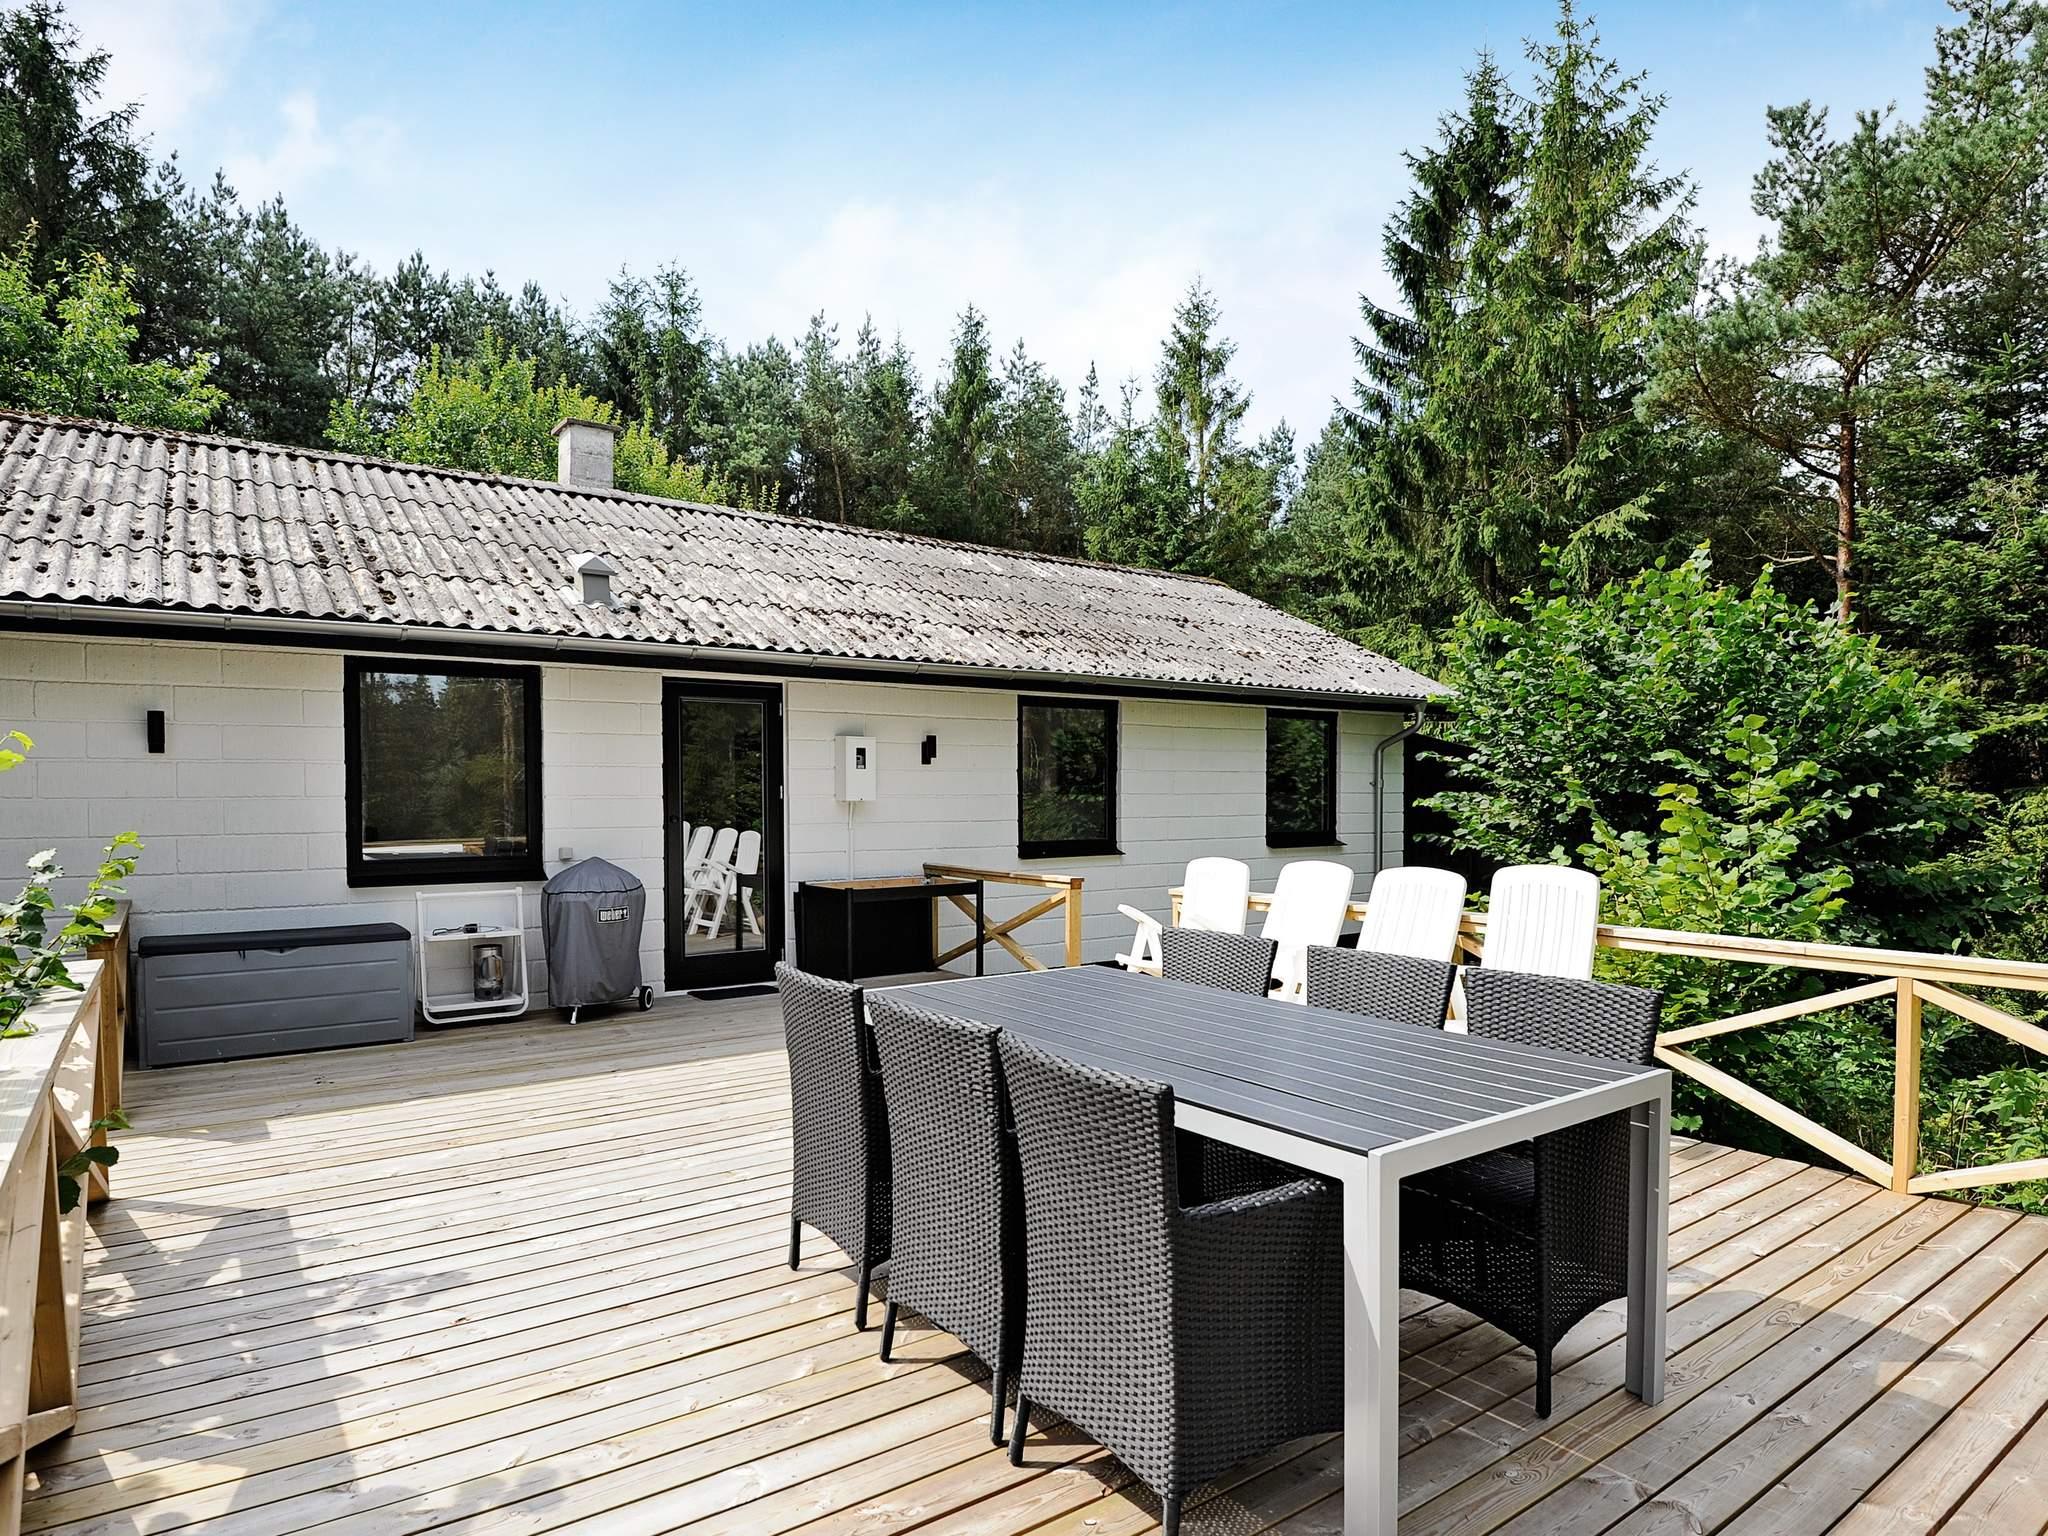 Ferienhaus Guldforhoved (1021466), Guldforhoved, , Westjütland, Dänemark, Bild 16